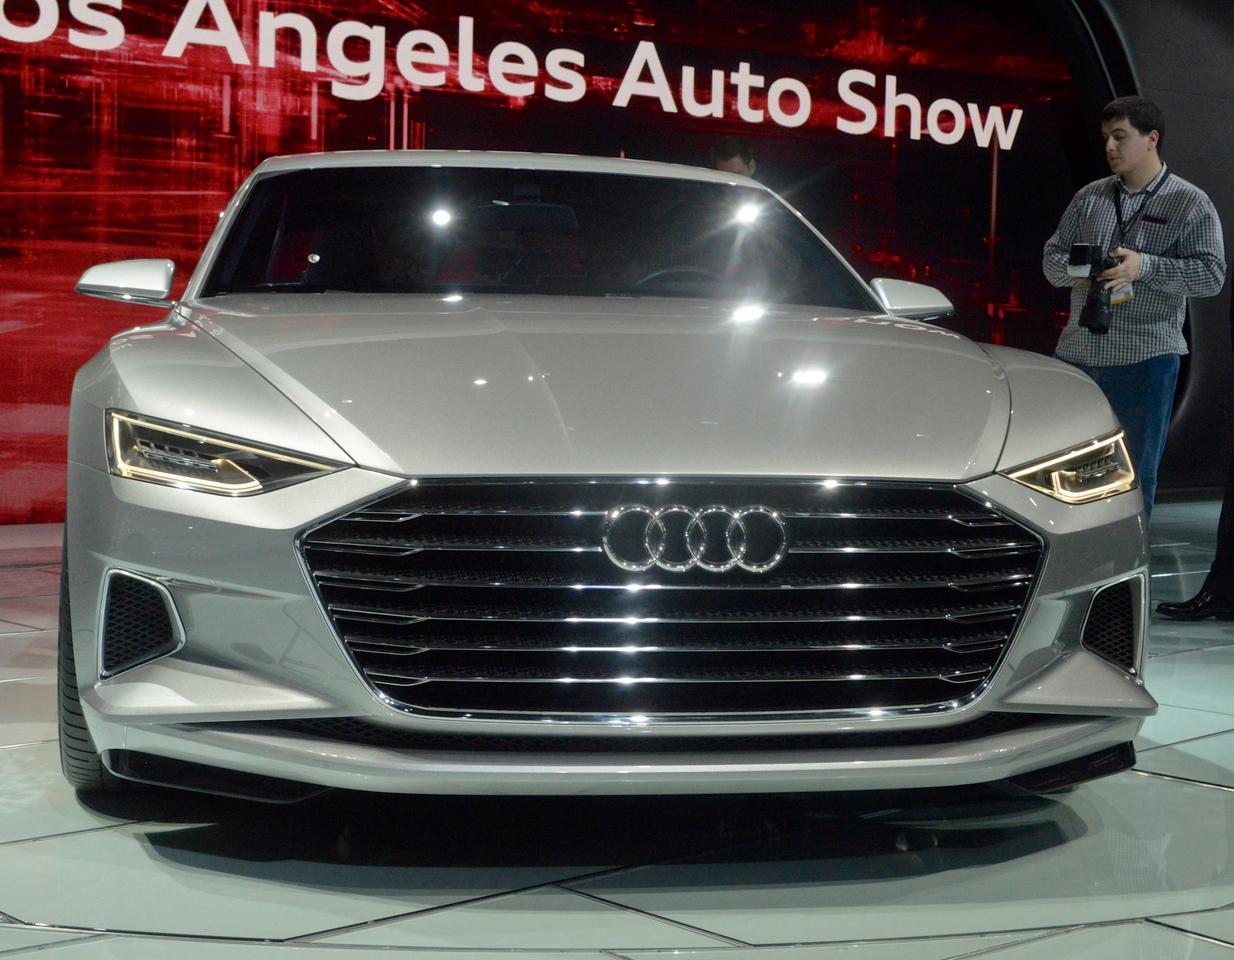 Audi reveals the Prologue concept at the 2014 LA Auto Show (Photo: C.C. Weiss/Gizmag)